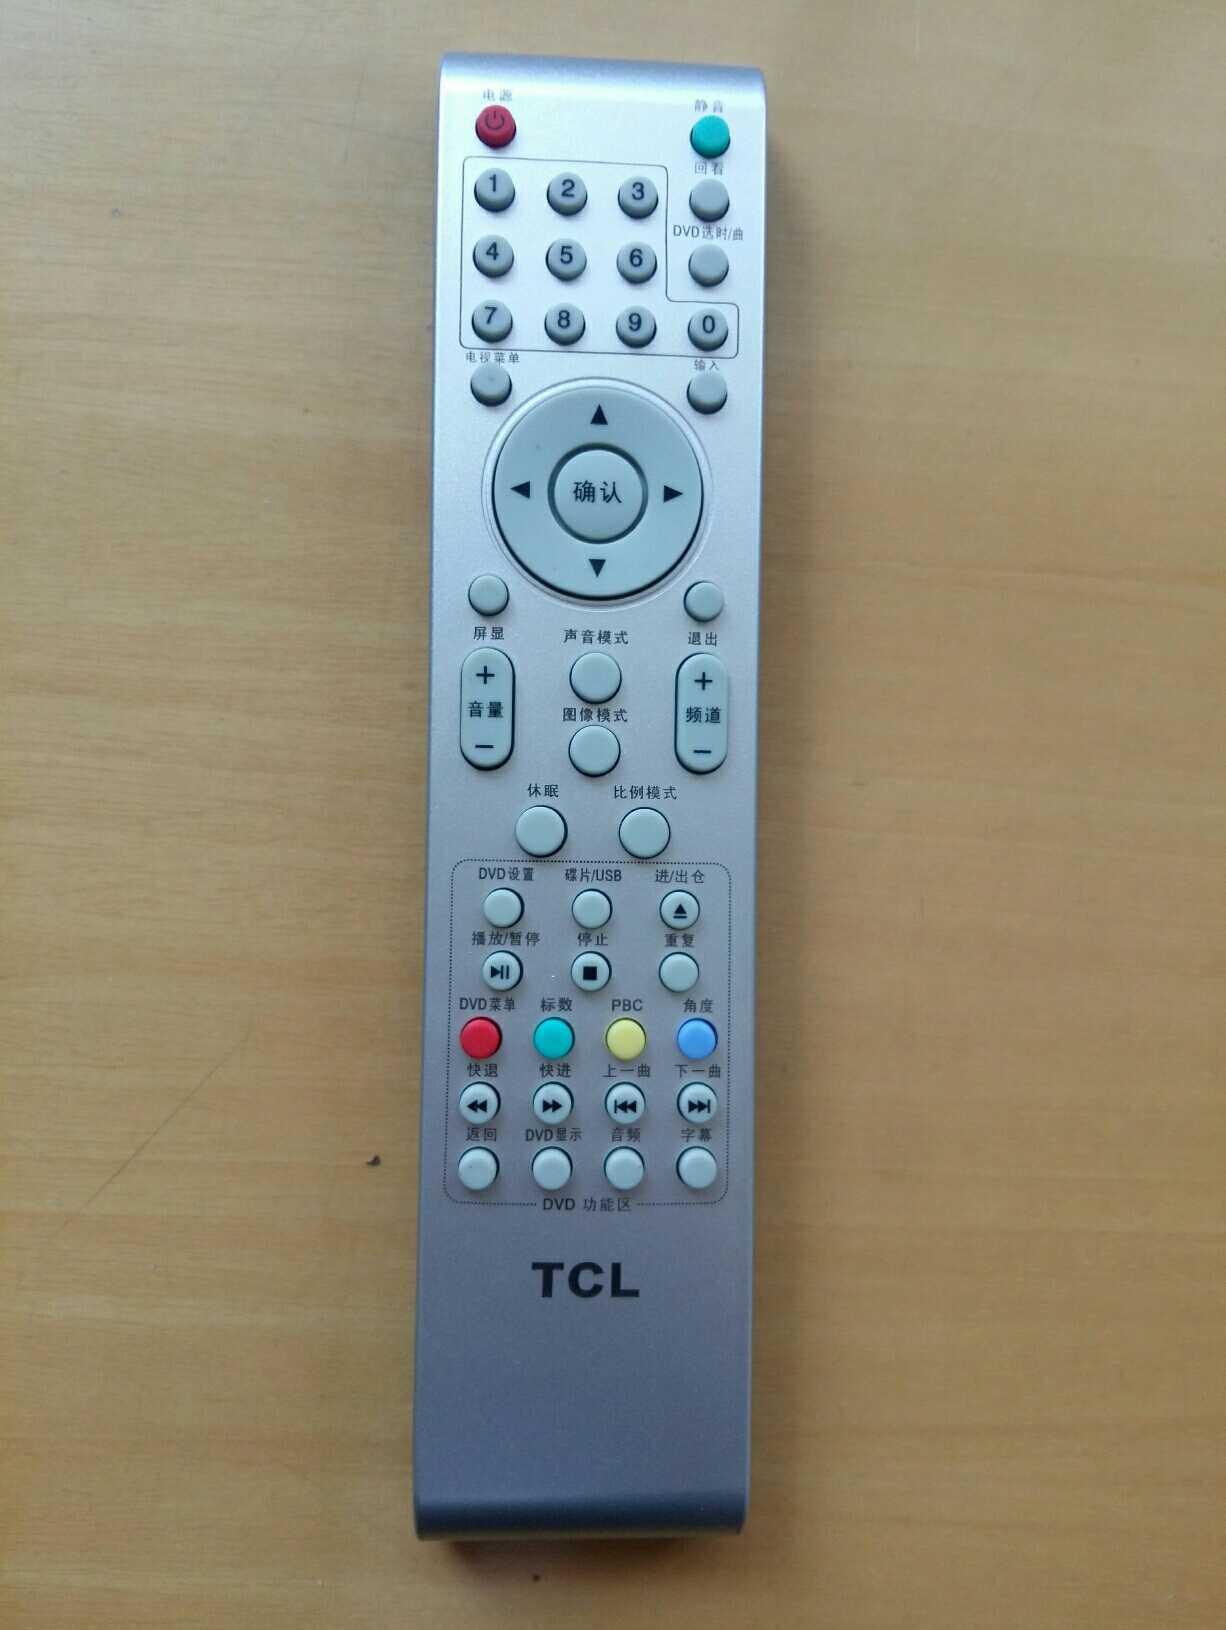 包�]送�池TCL���b控器��DVD功能�^L32N9 L32N5 L26N5 L26N9